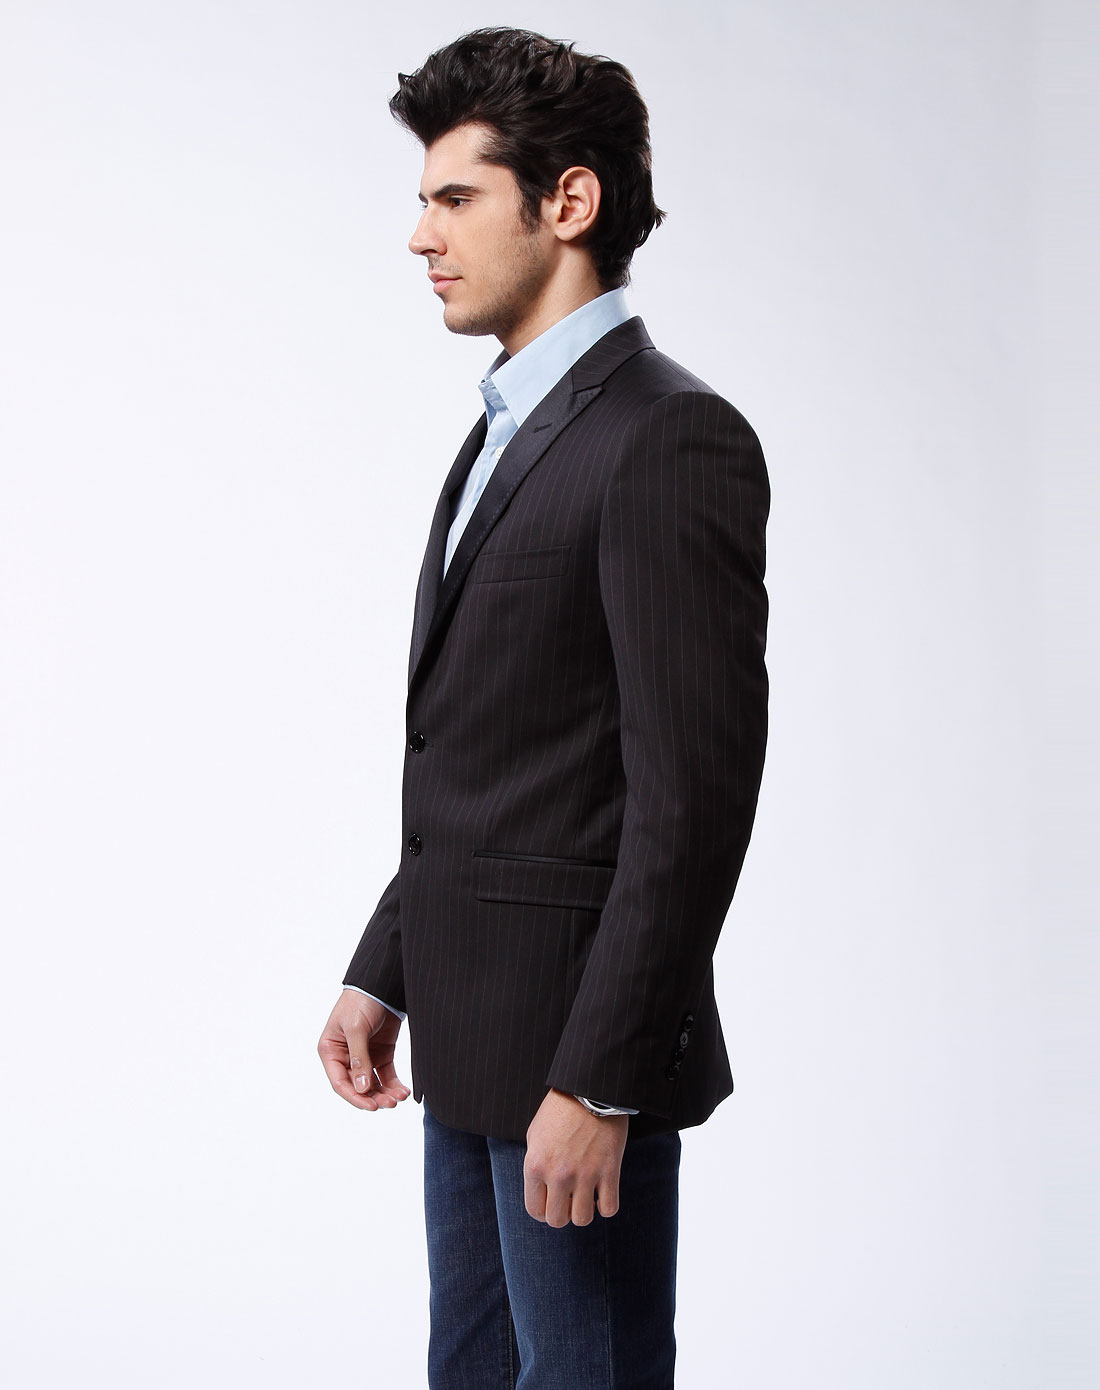 男款黑色翻领长袖西装外套